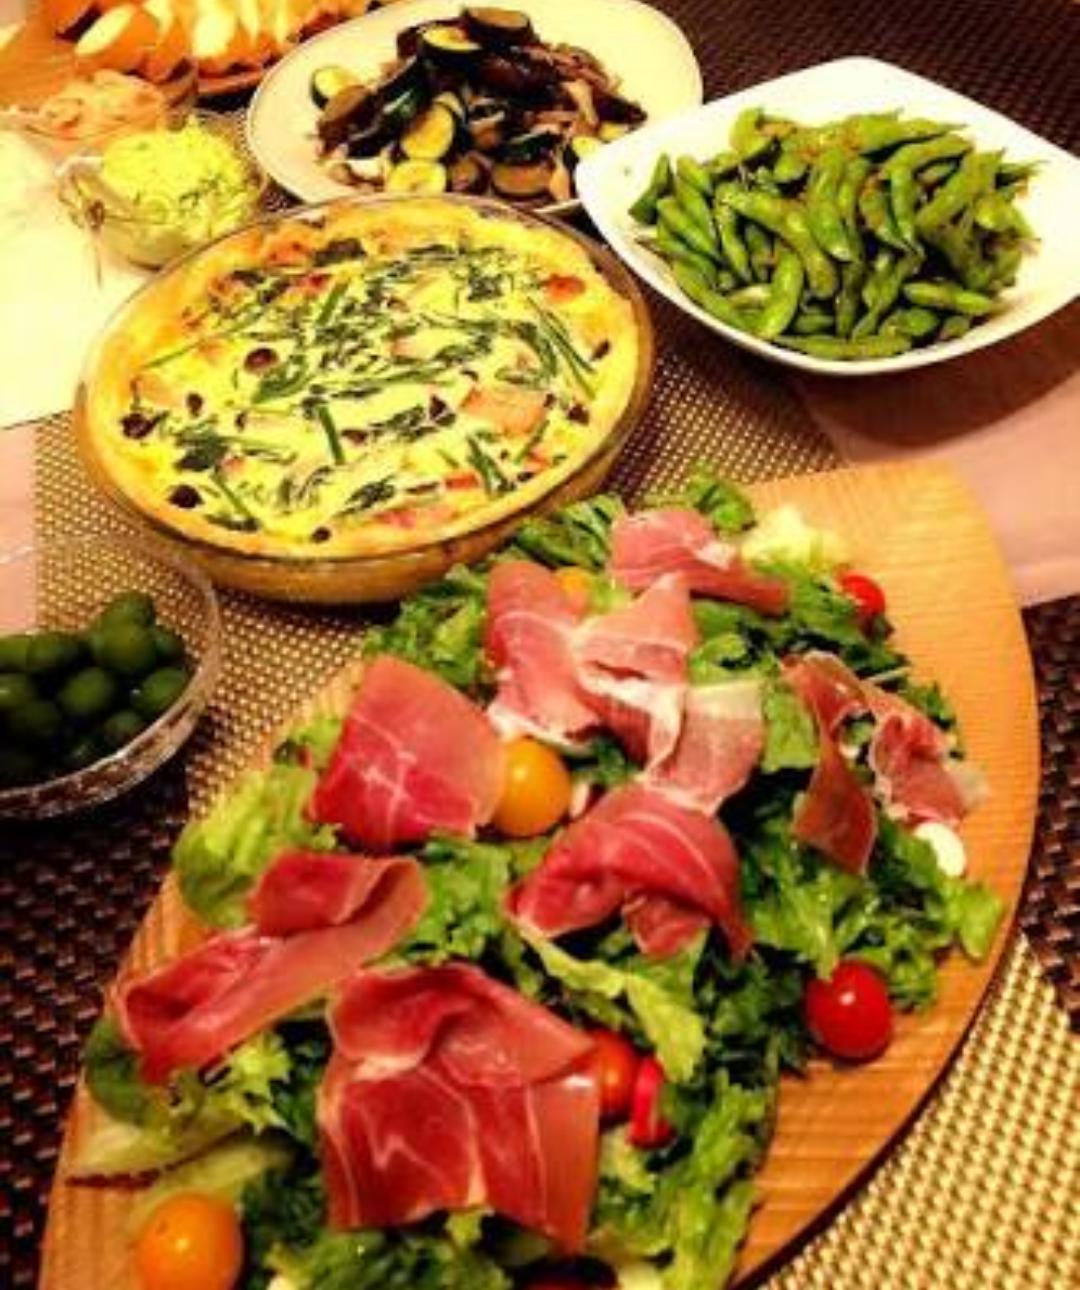 佐々木希、中川翔子宅で夏菜&徳永えりと女子会 しょこたんの手料理を堪能「完全に胃袋つかまれた」